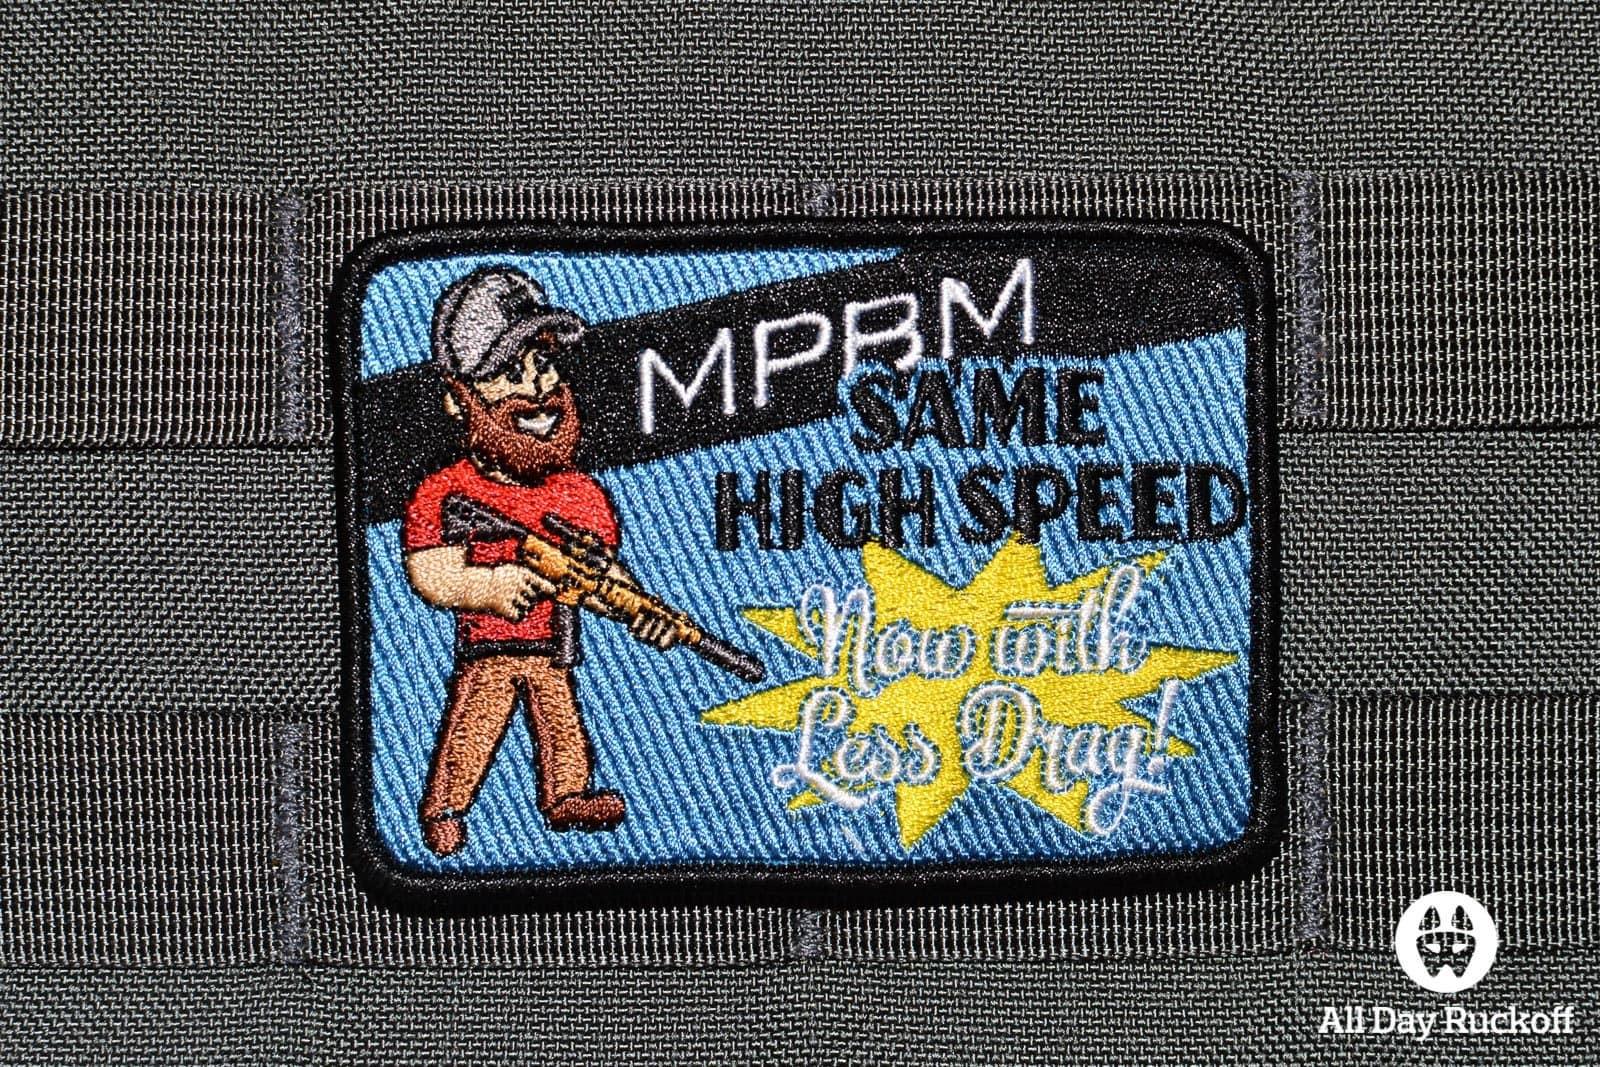 MPBM Exclusive